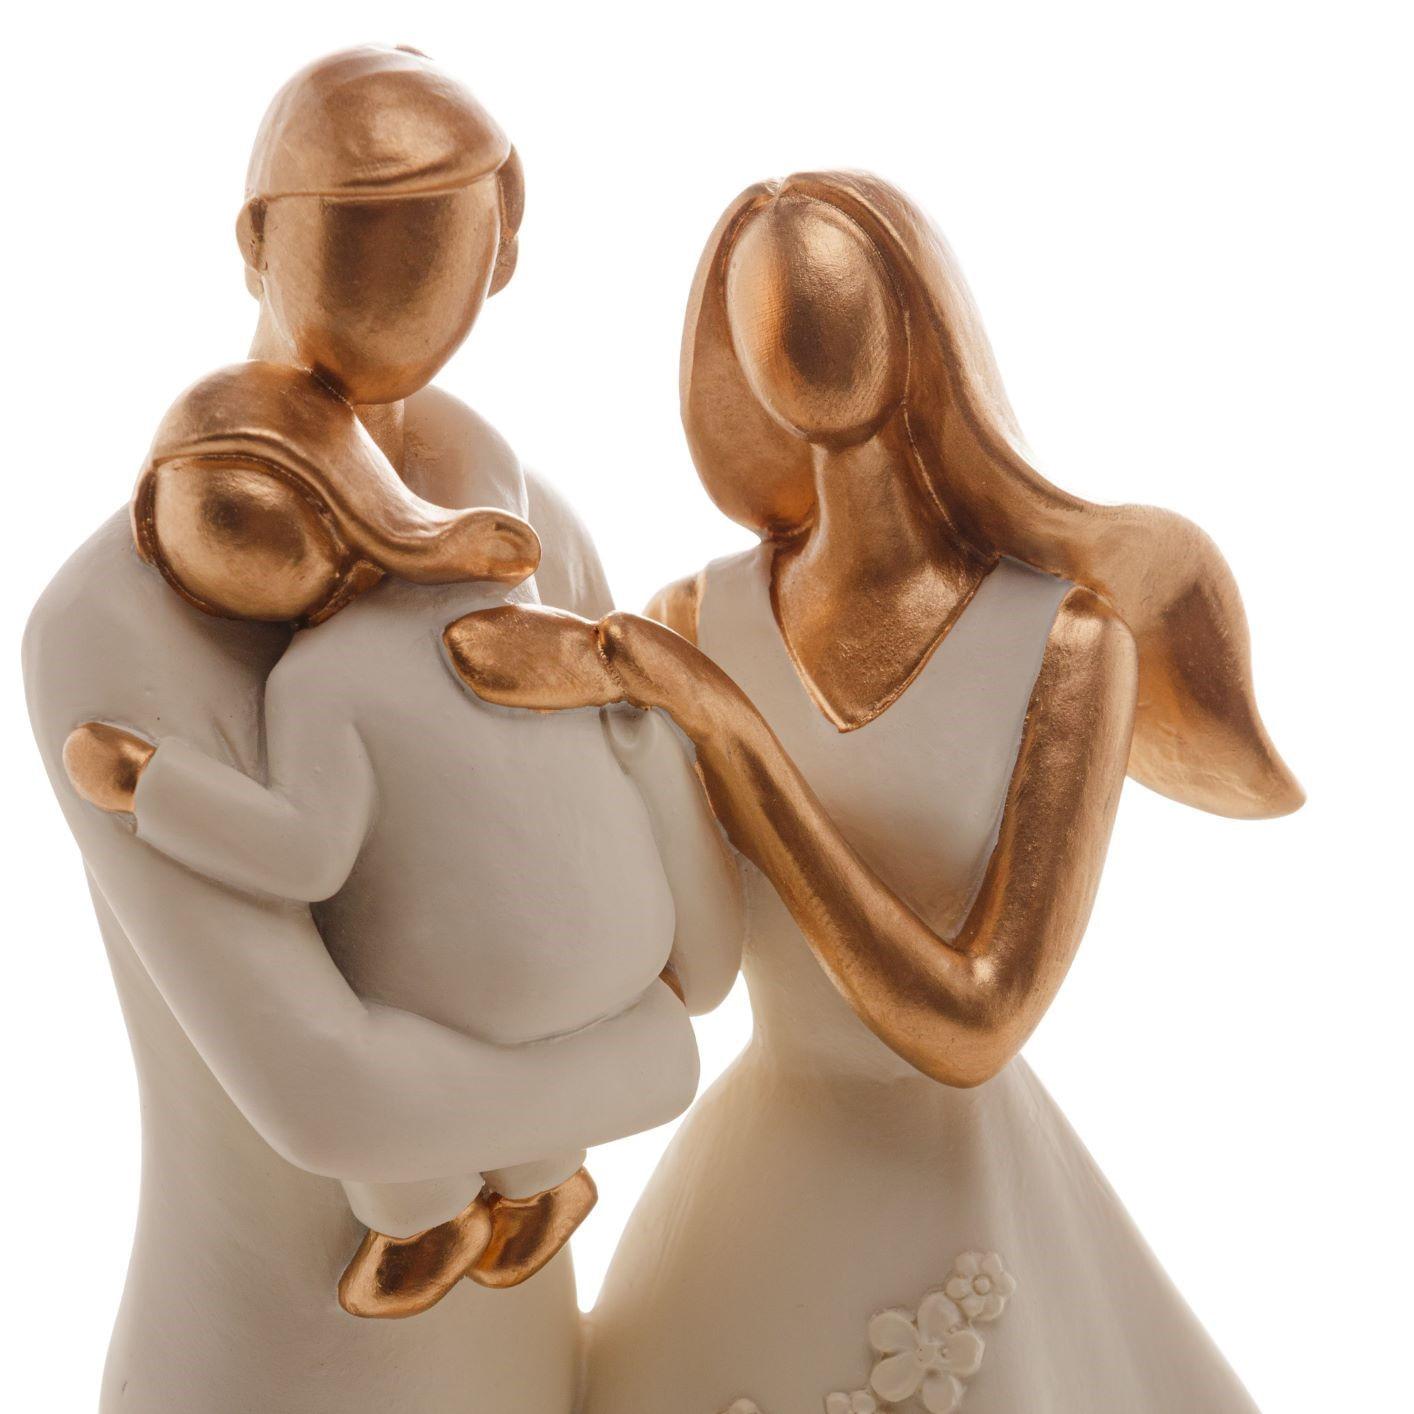 Escultura Decorativa Família: Mamãe e Papai Segurando Filha